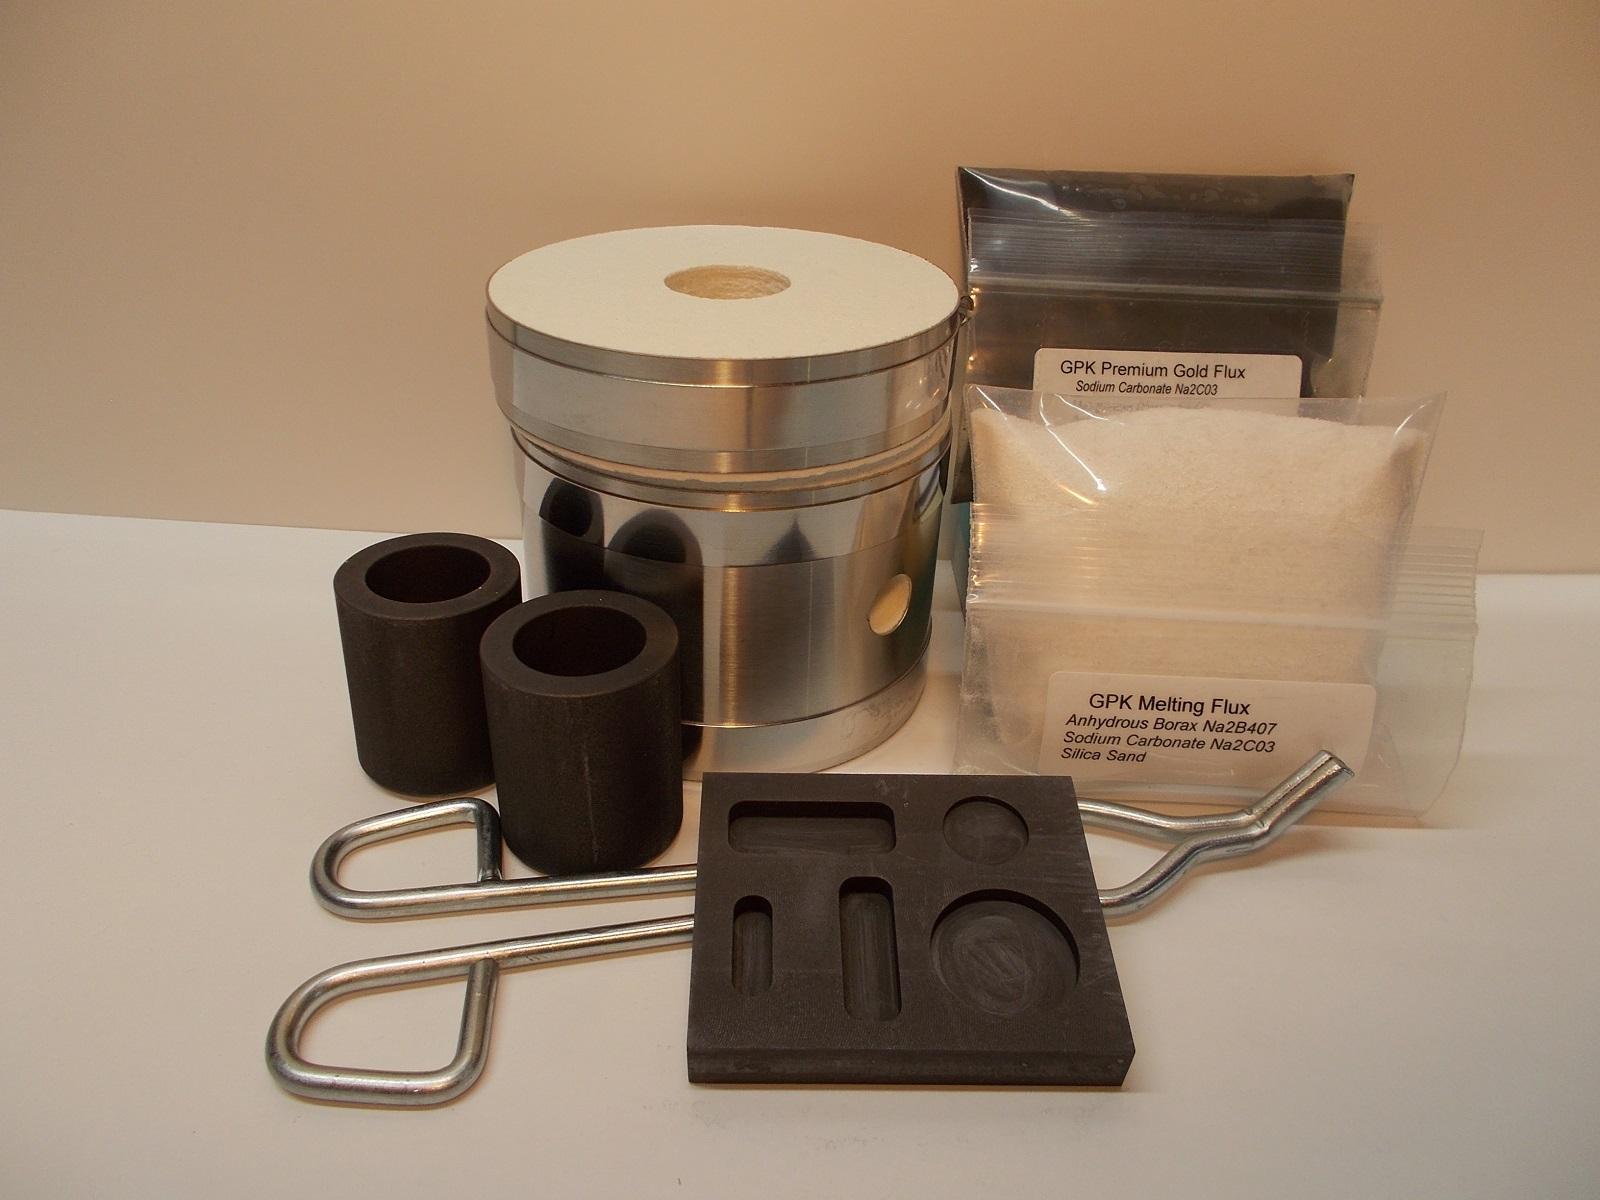 kk6c Kwik Kiln 6 Cupeling Kiln mini propane fired cupeling kiln for fire assay